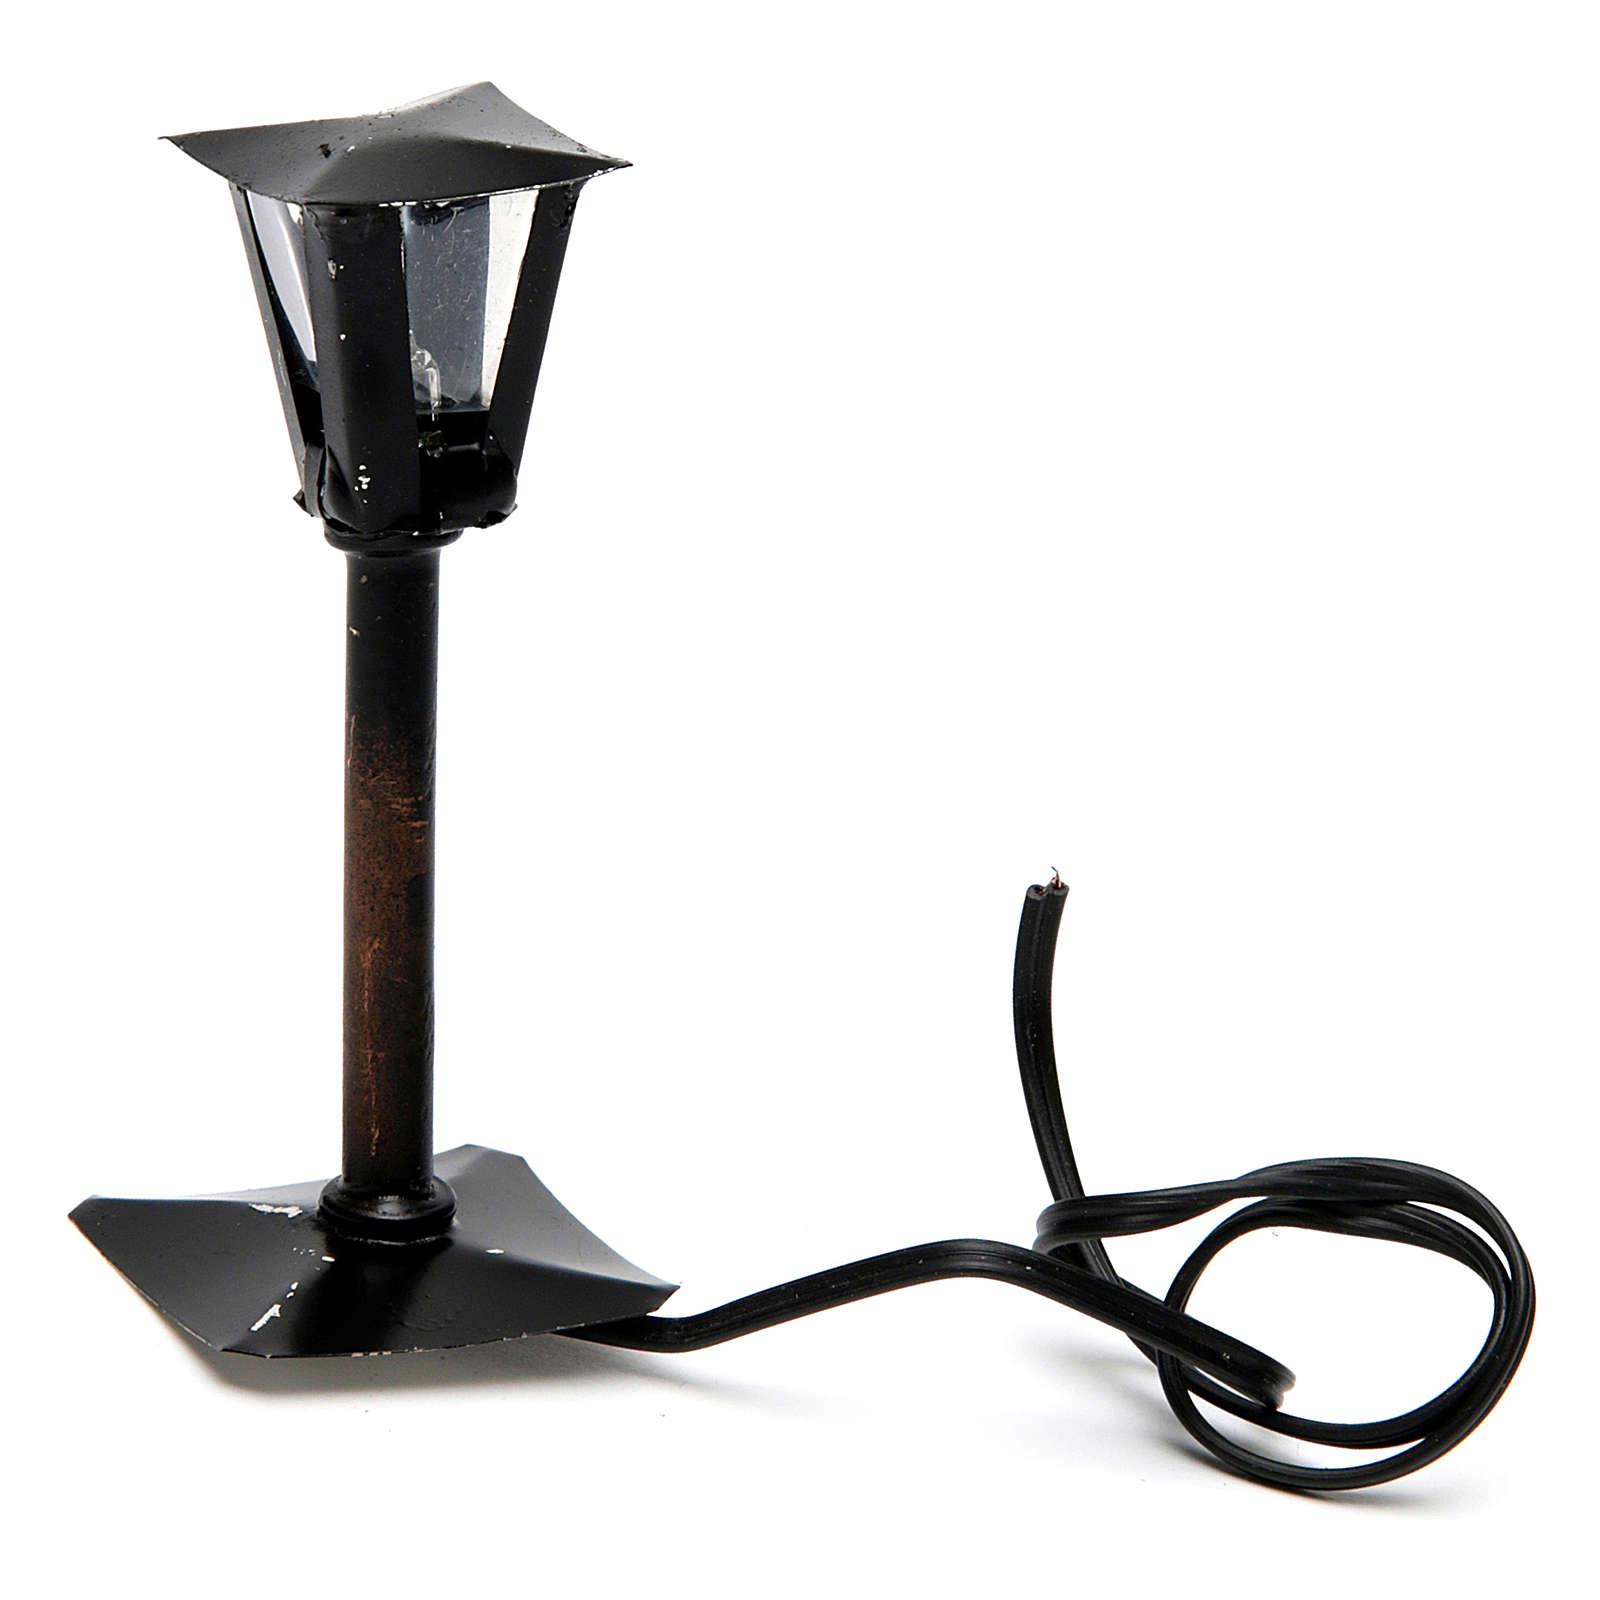 Farola con linterna belén hecho con bricolaje 8 cm - 12V 4